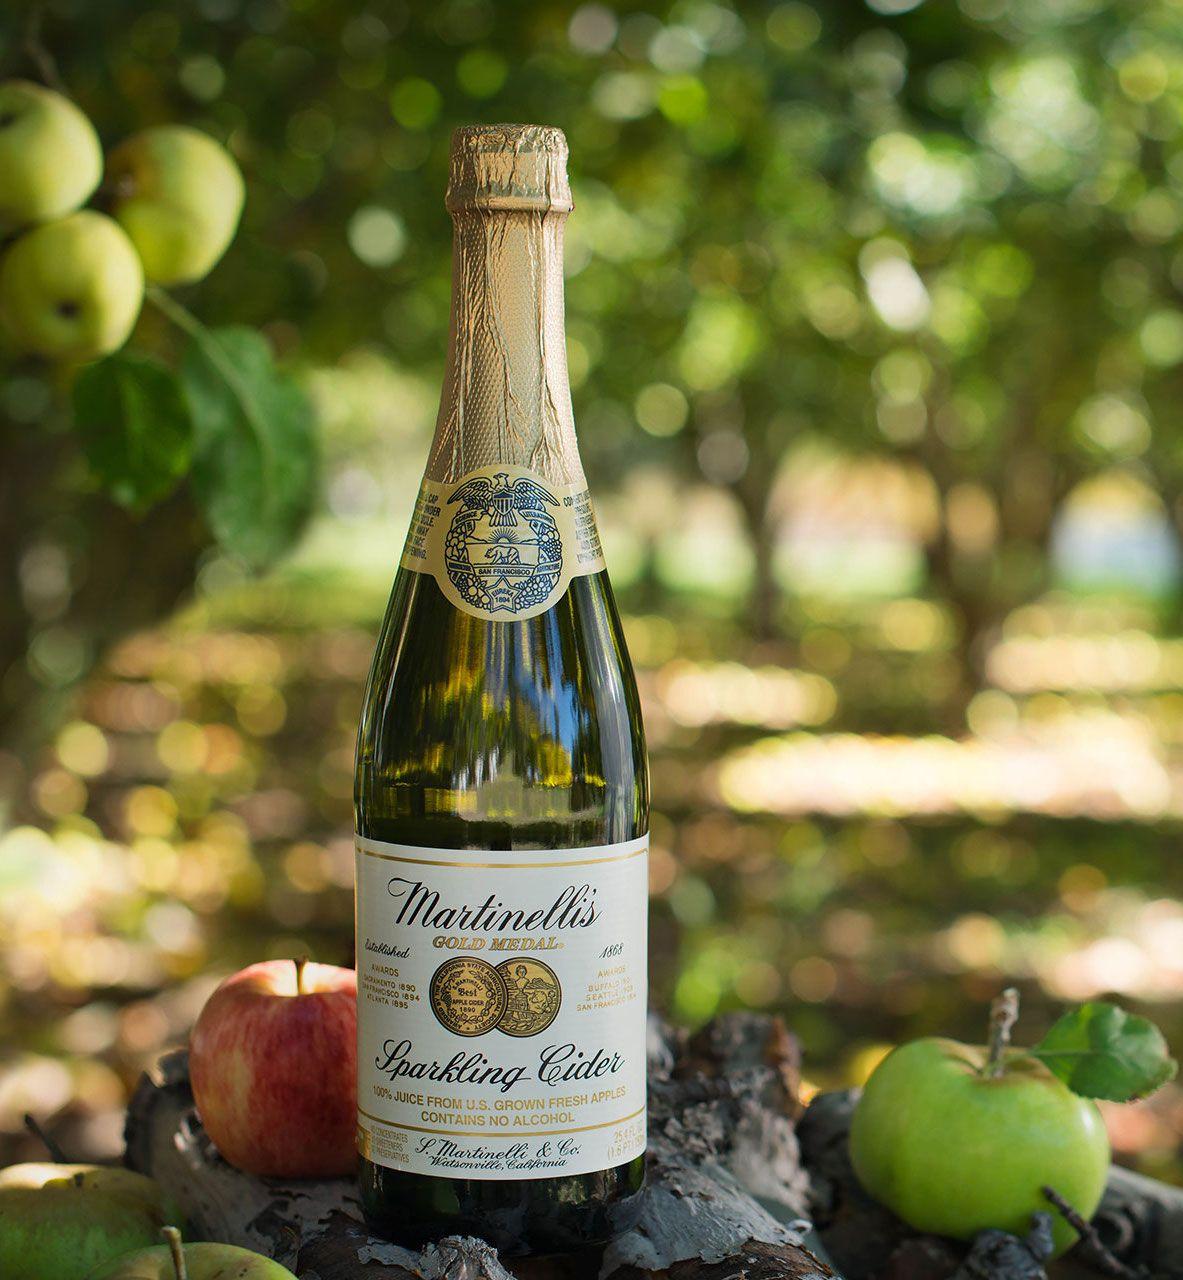 Heritage Label Sparkling Cider Sparkling Juices S Martinelli Co Sparkling Cider Cider Sparkling Juice